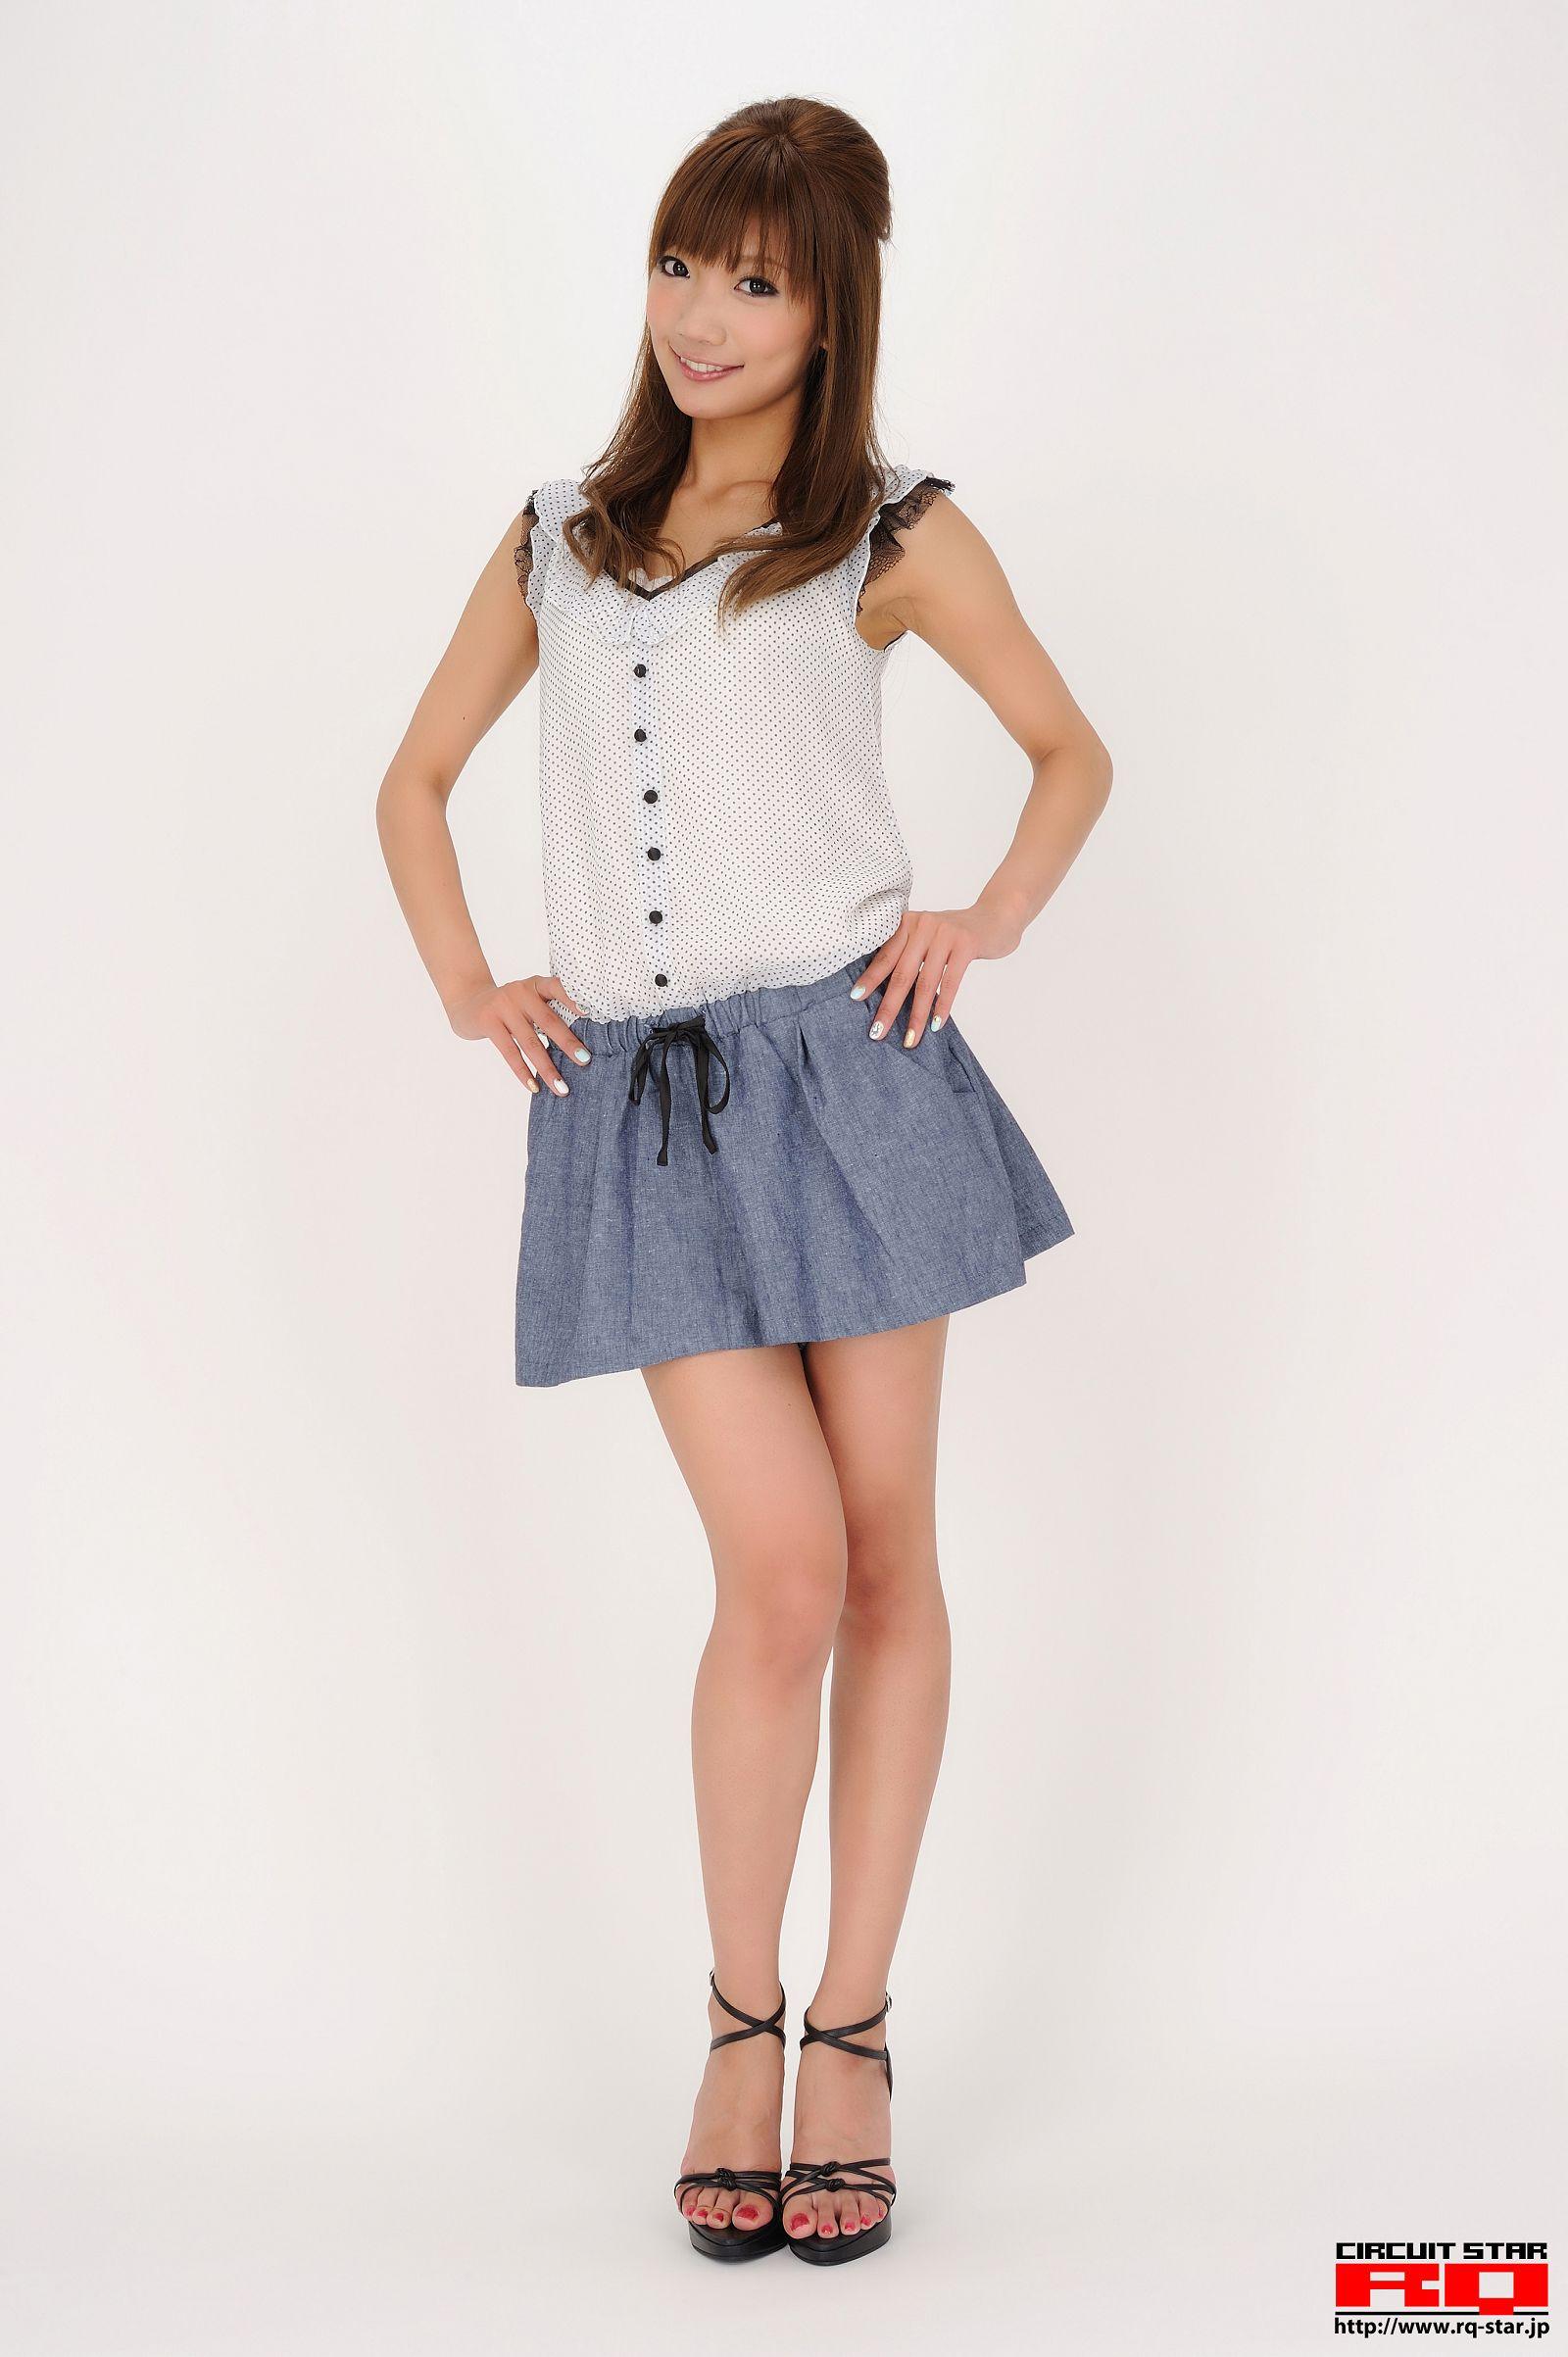 [RQ STAR美女] NO.0296 Junko Maya 真野淳子 Private Dress[60P] RQ STAR 第1张